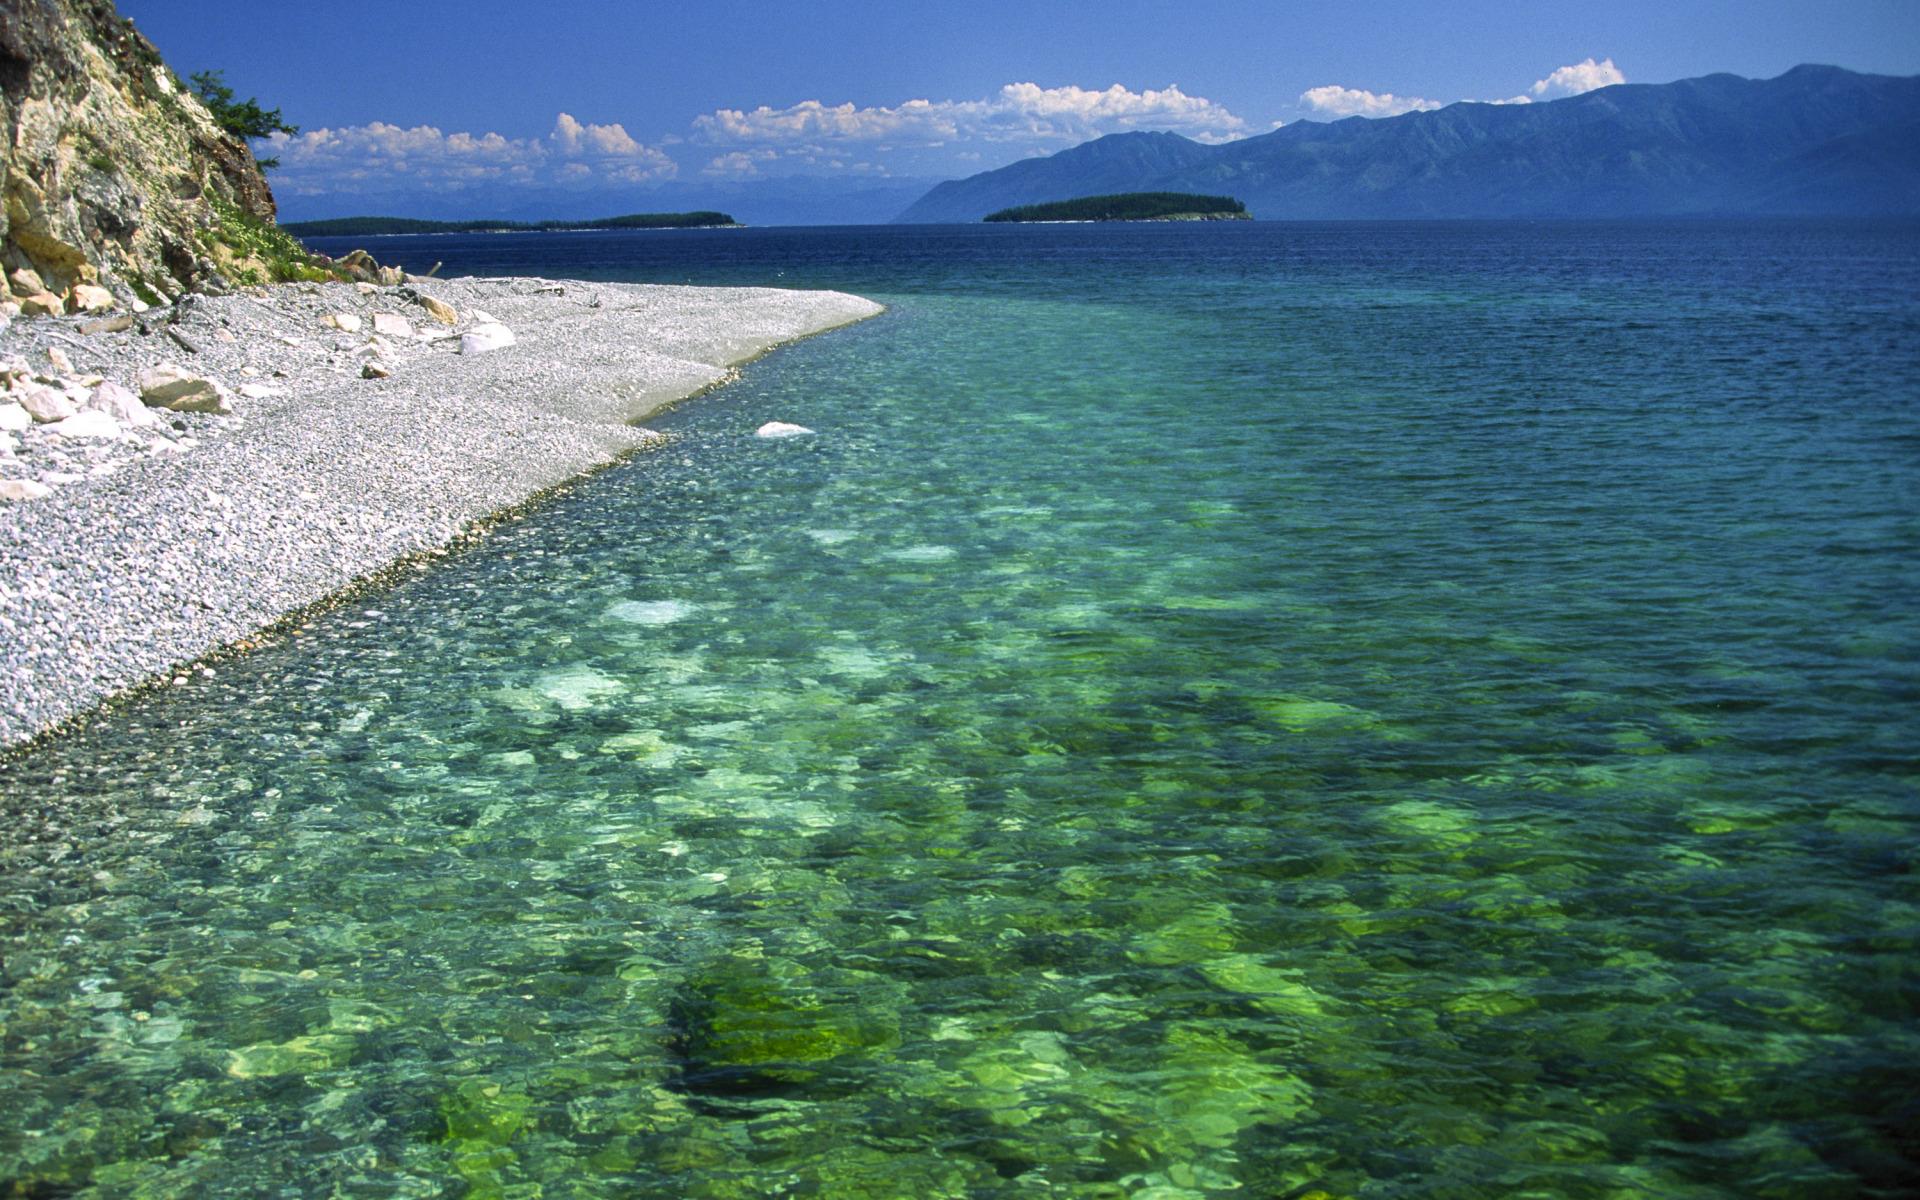 квартир без прозрачное озеро море фото впереди еще так